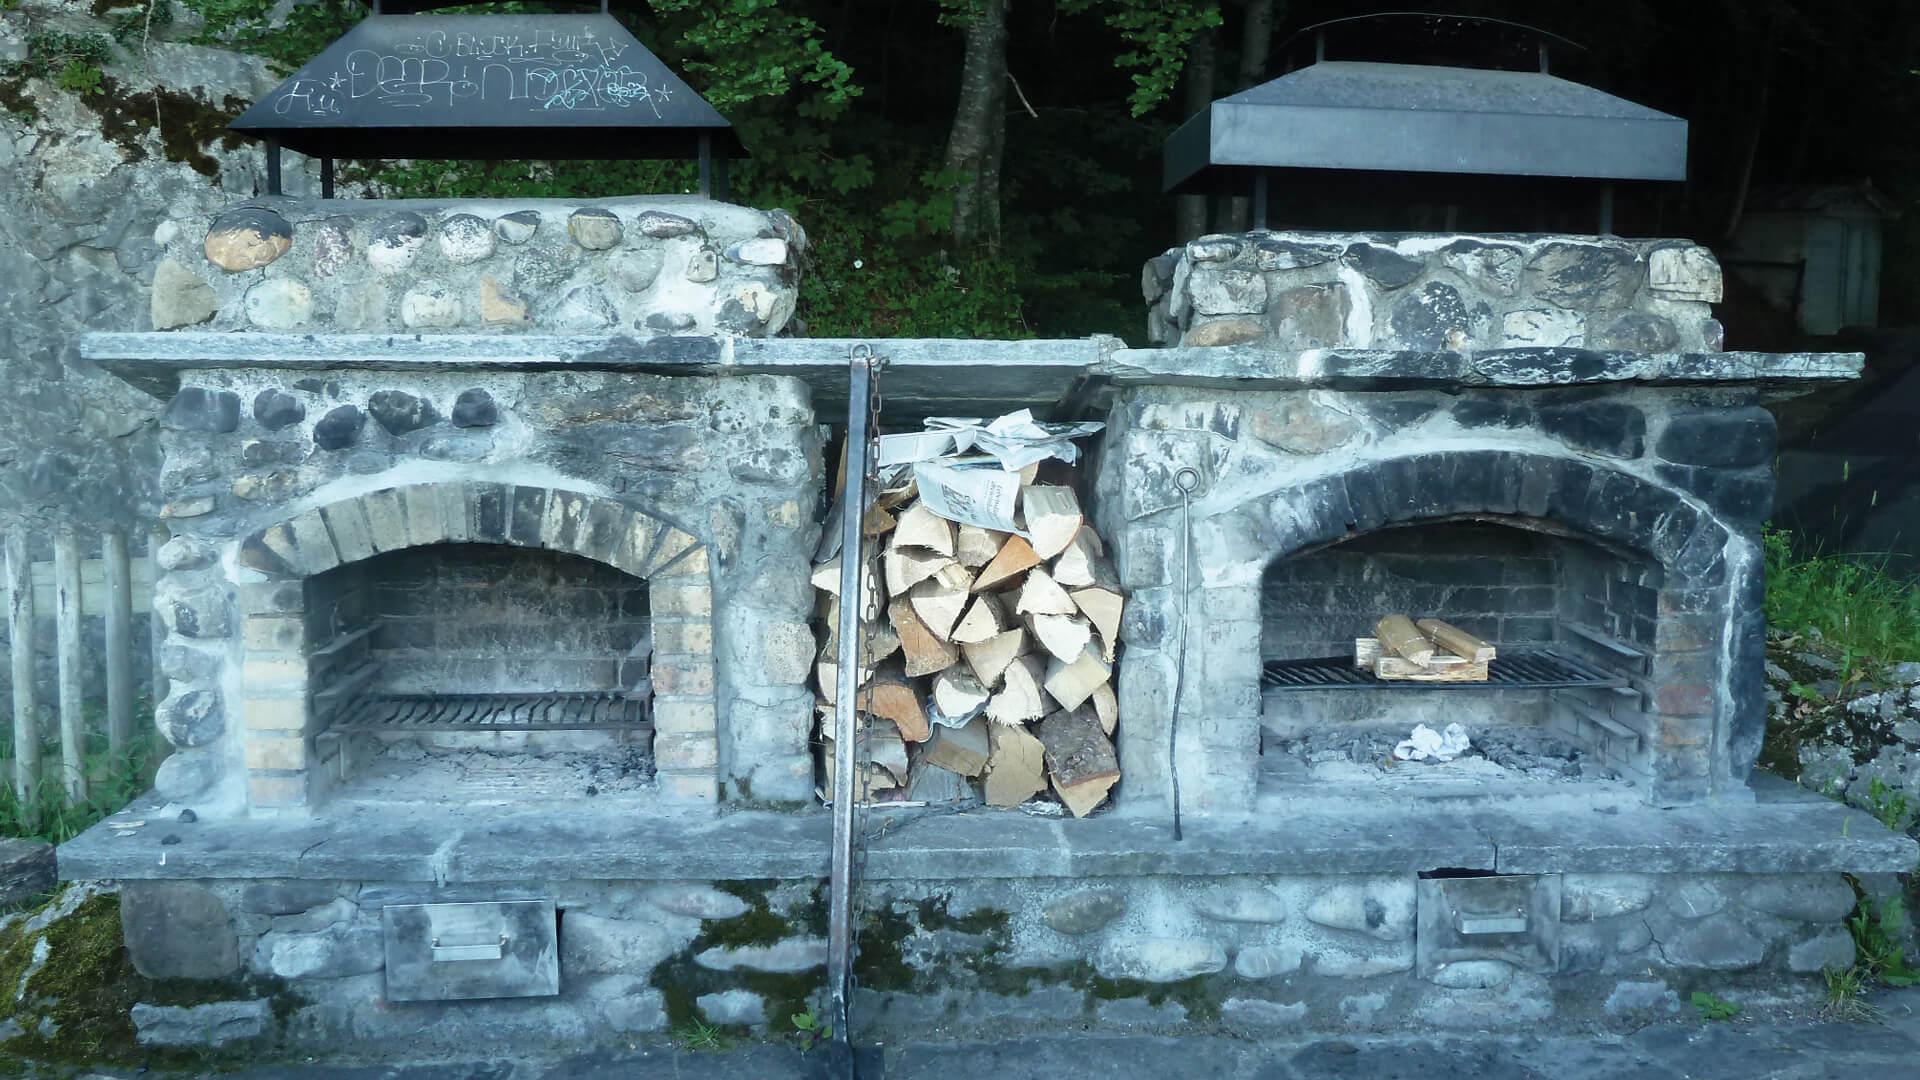 sigriswil-braetliplatz-wyssental-feuerstellen-sommer